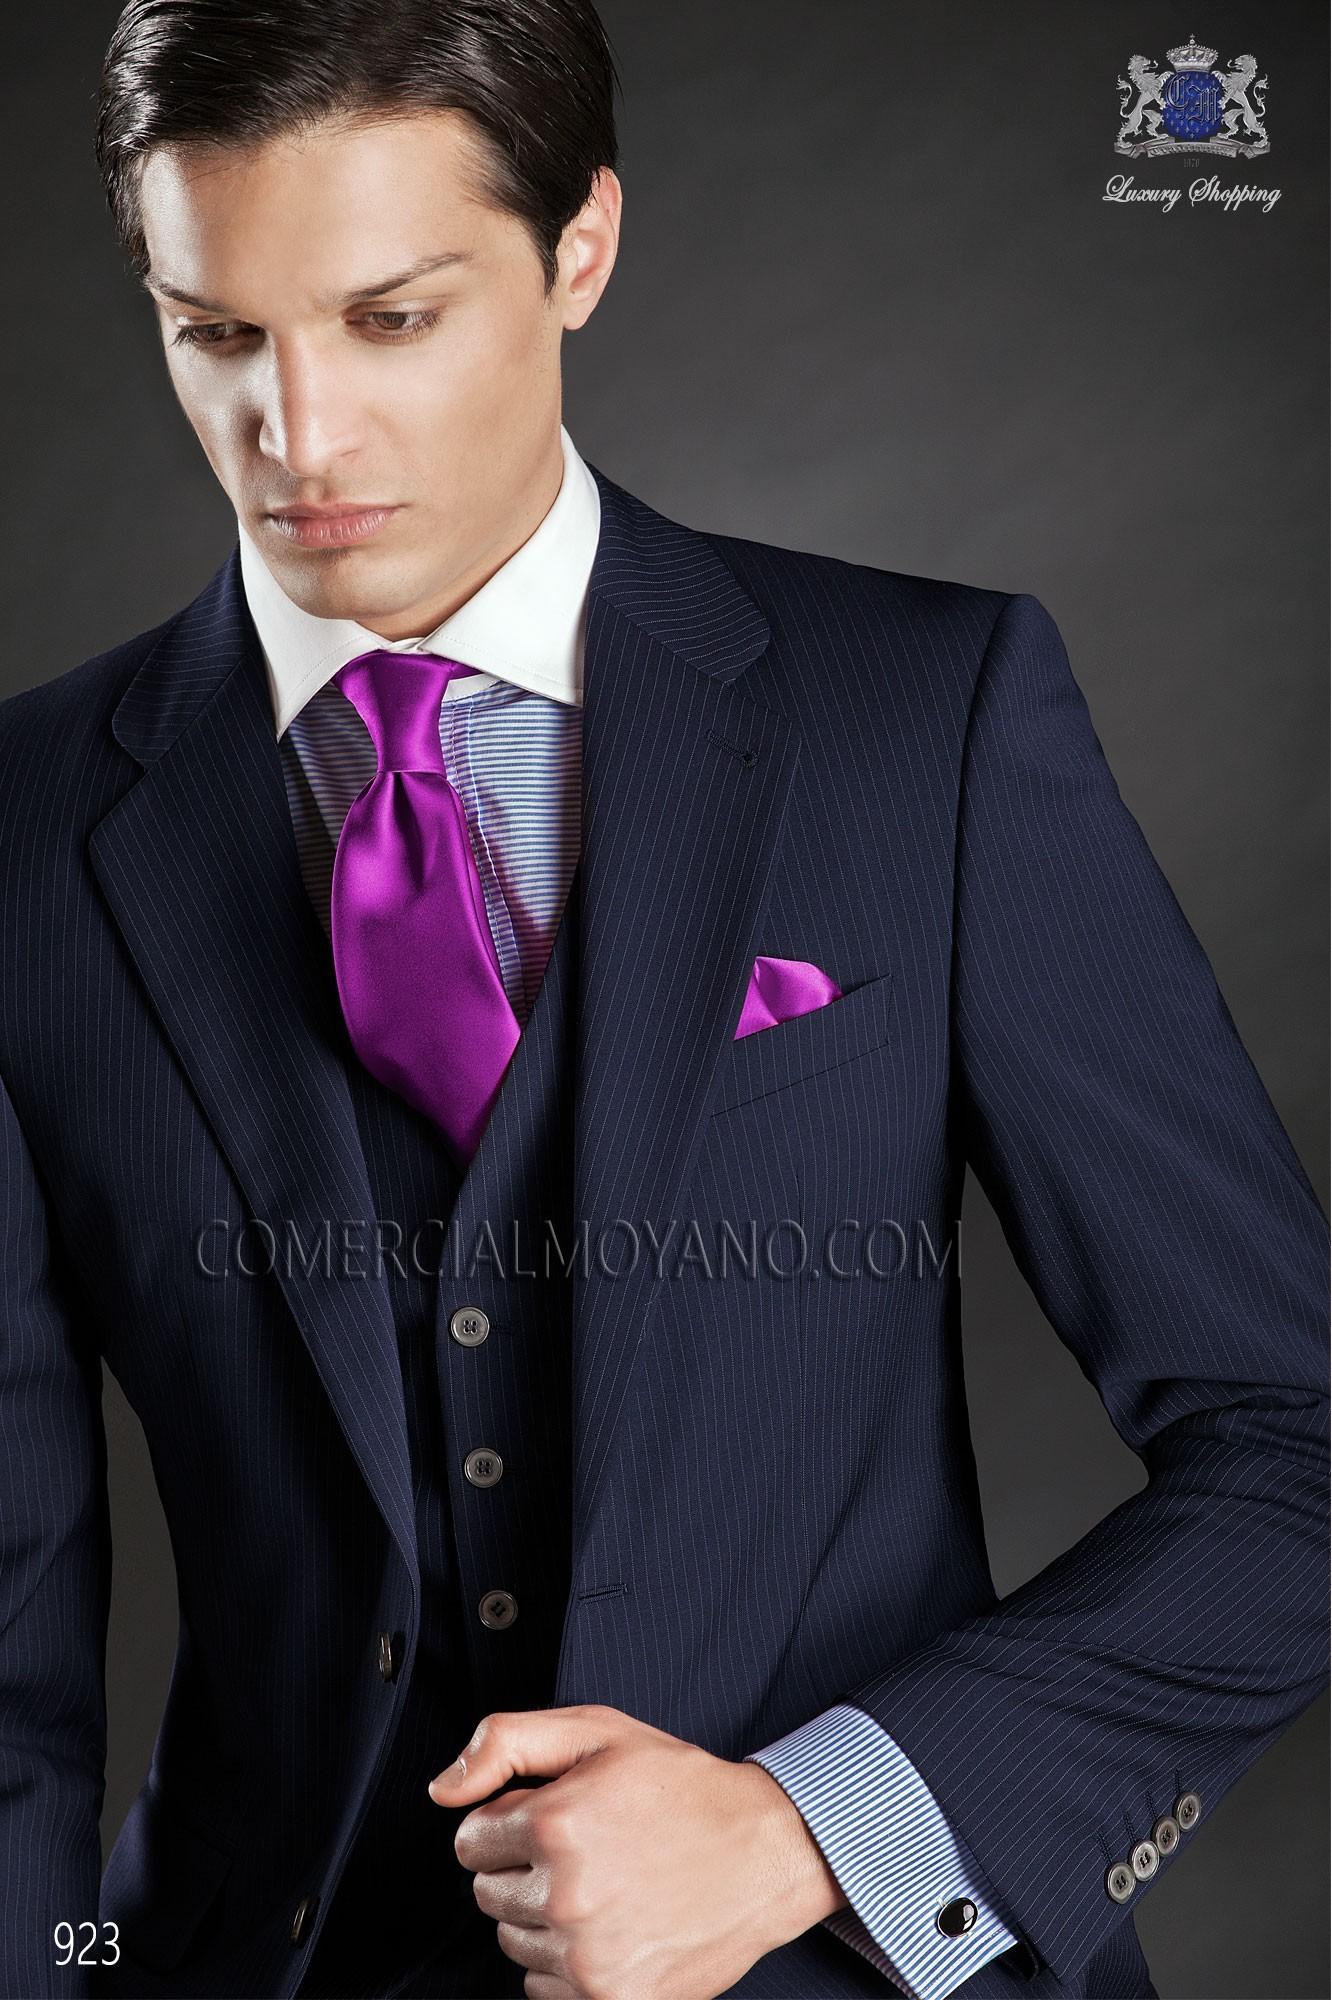 Traje de novio italiano azul modelo: 923 Ottavio Nuccio Gala colección Gentleman